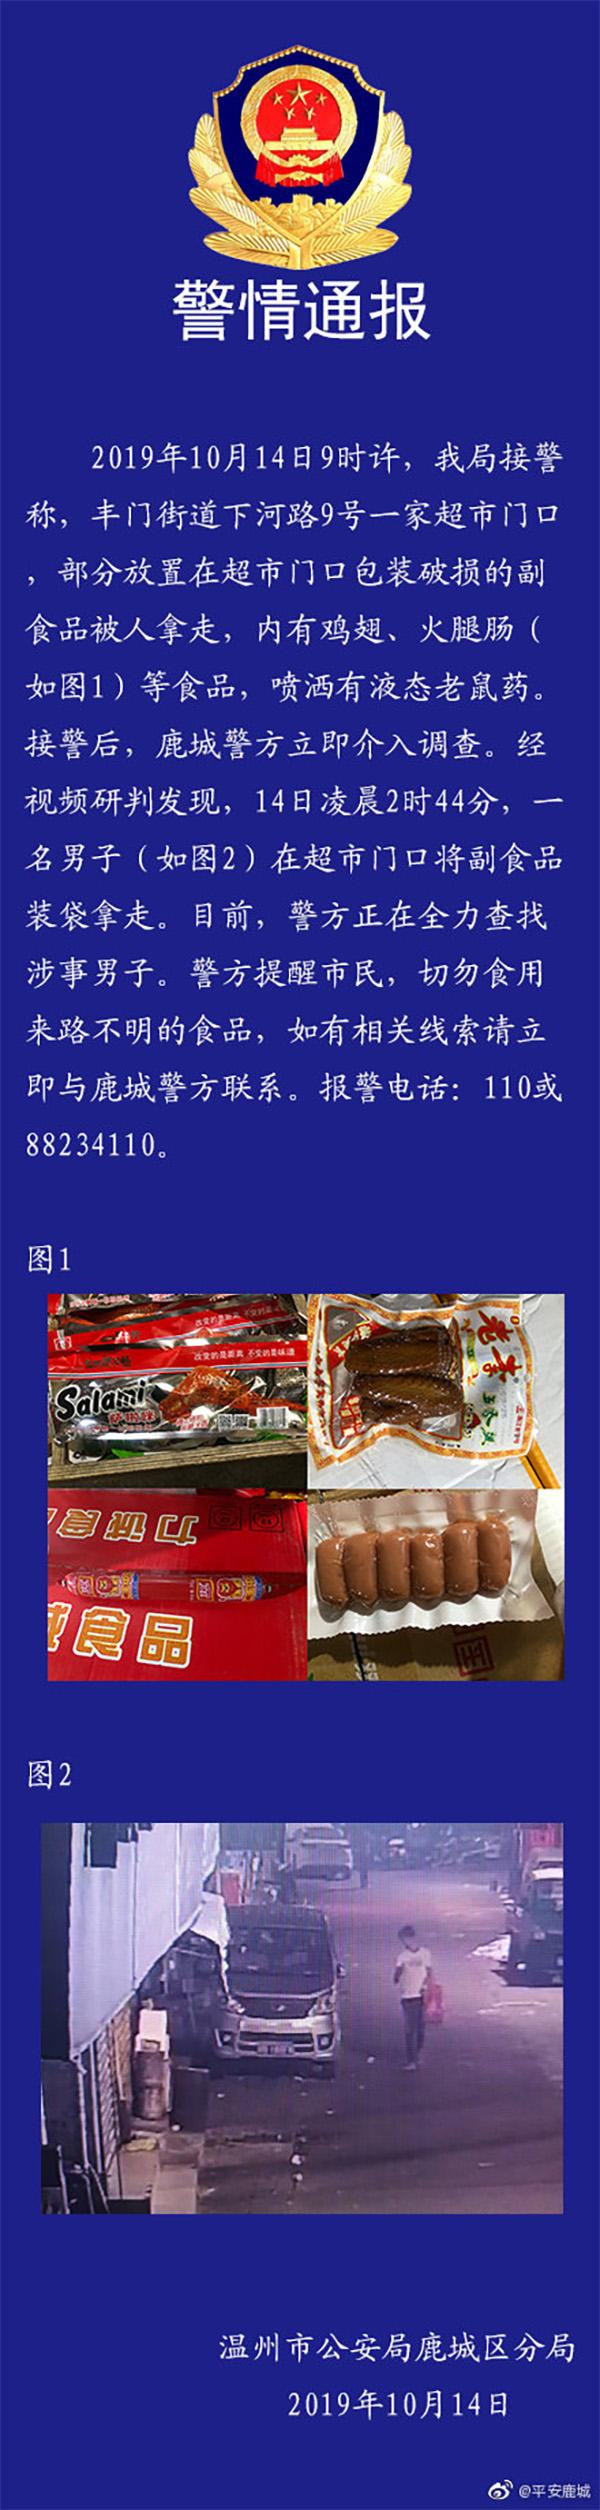 温州一超市喷洒鼠药副食品遭人凌晨拿走,警方正查找涉事男子